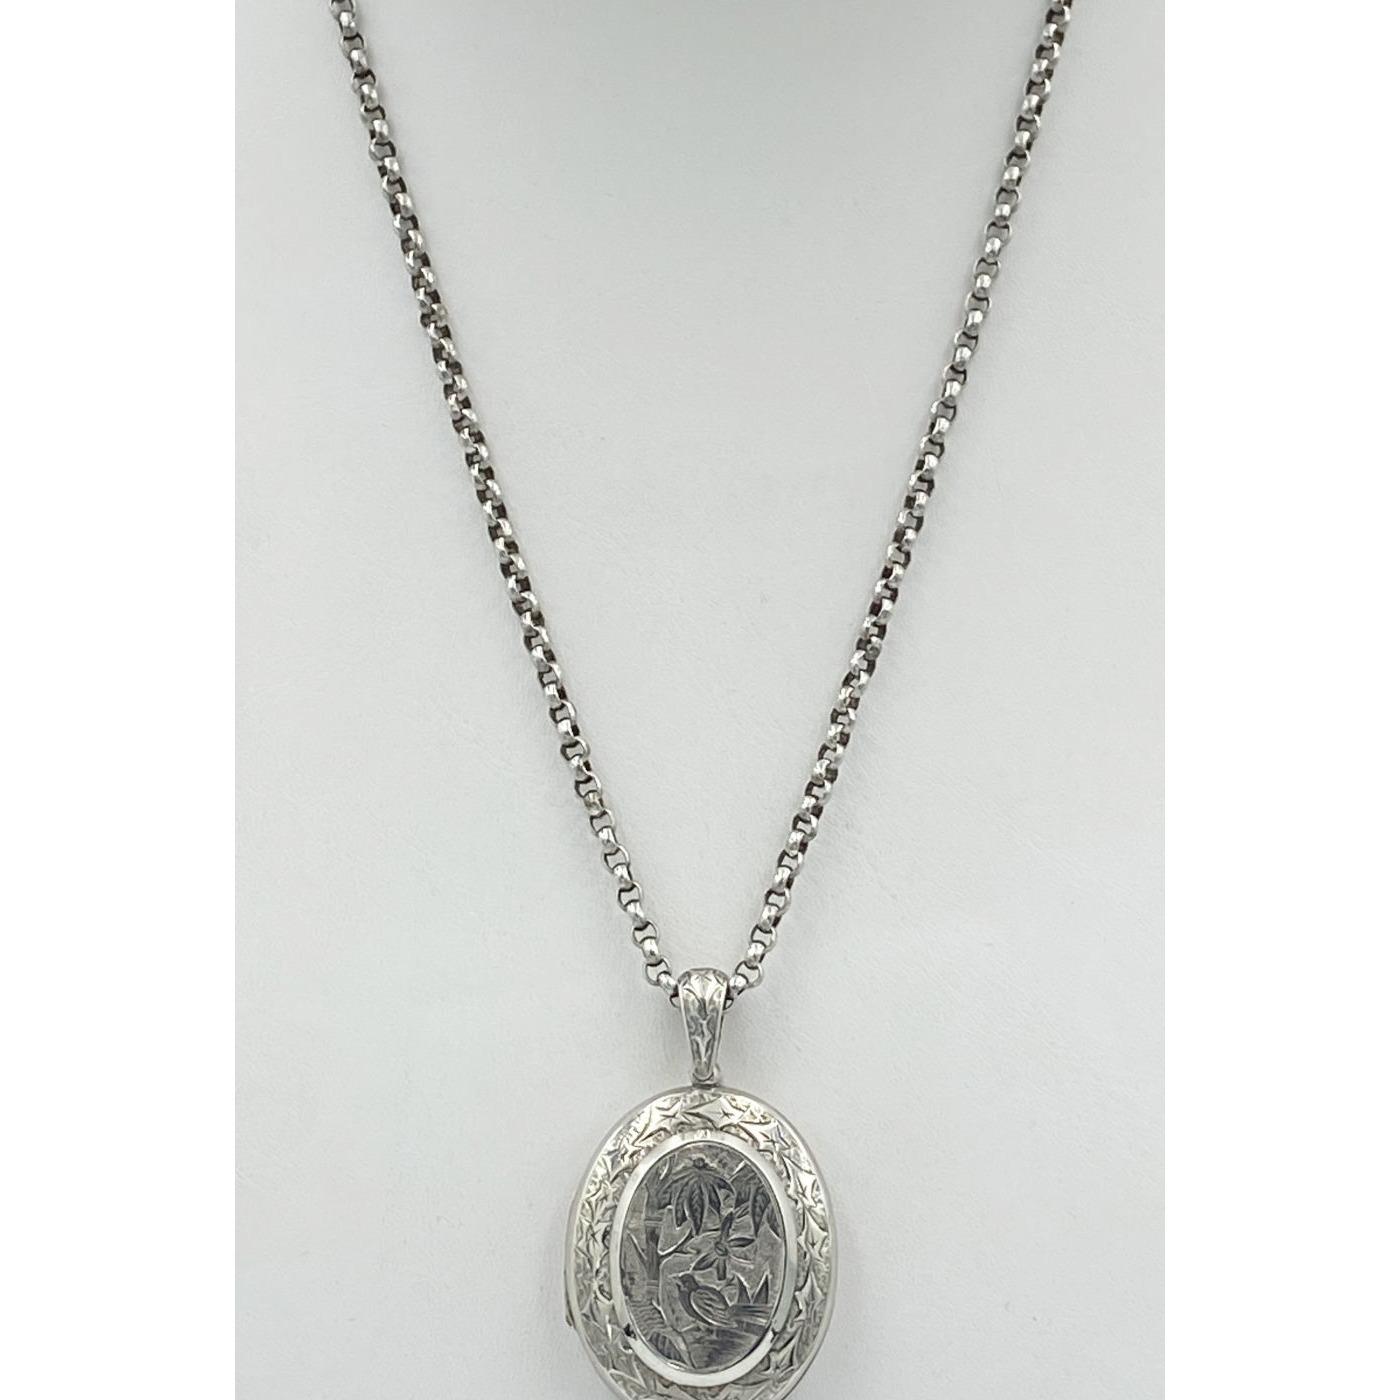 """32"""" Versatile Hand-Hammered Round Link Belcher Antique Silver English Chain - Chain Only"""